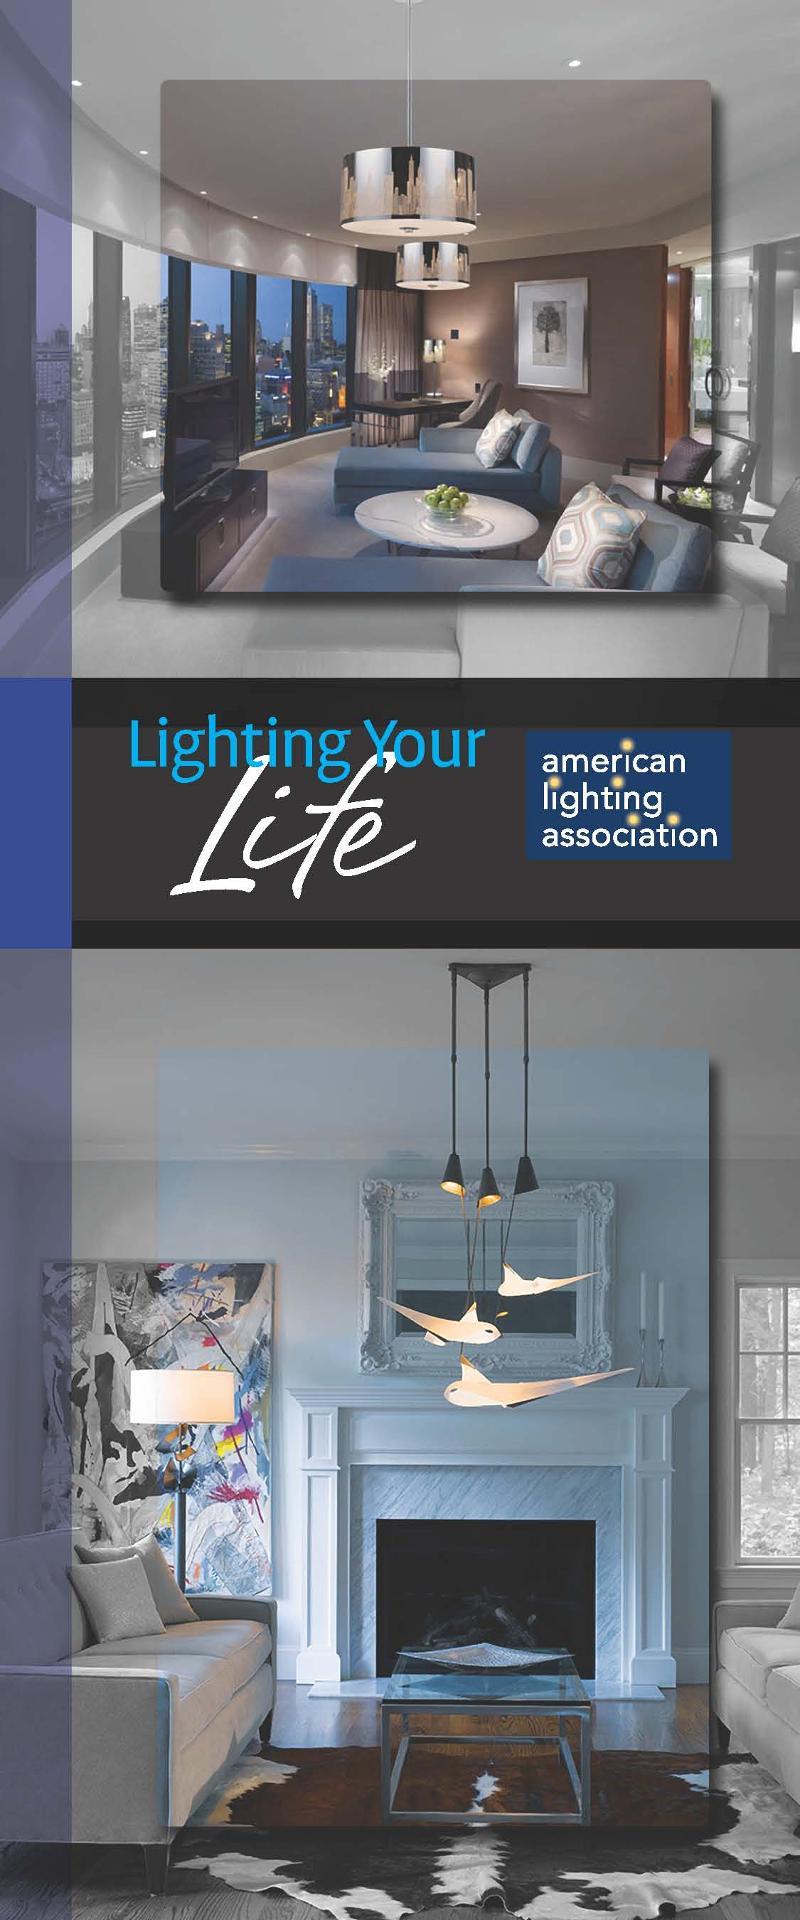 lyl brochure 2012